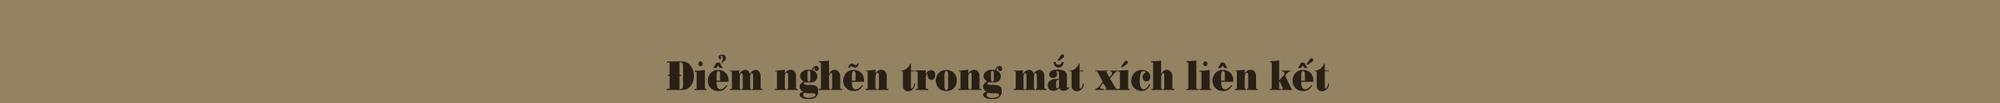 [eMagazine] Cà phê đặc sản: Cửa ngách để nâng tầm cà phê Việt - Ảnh 16.